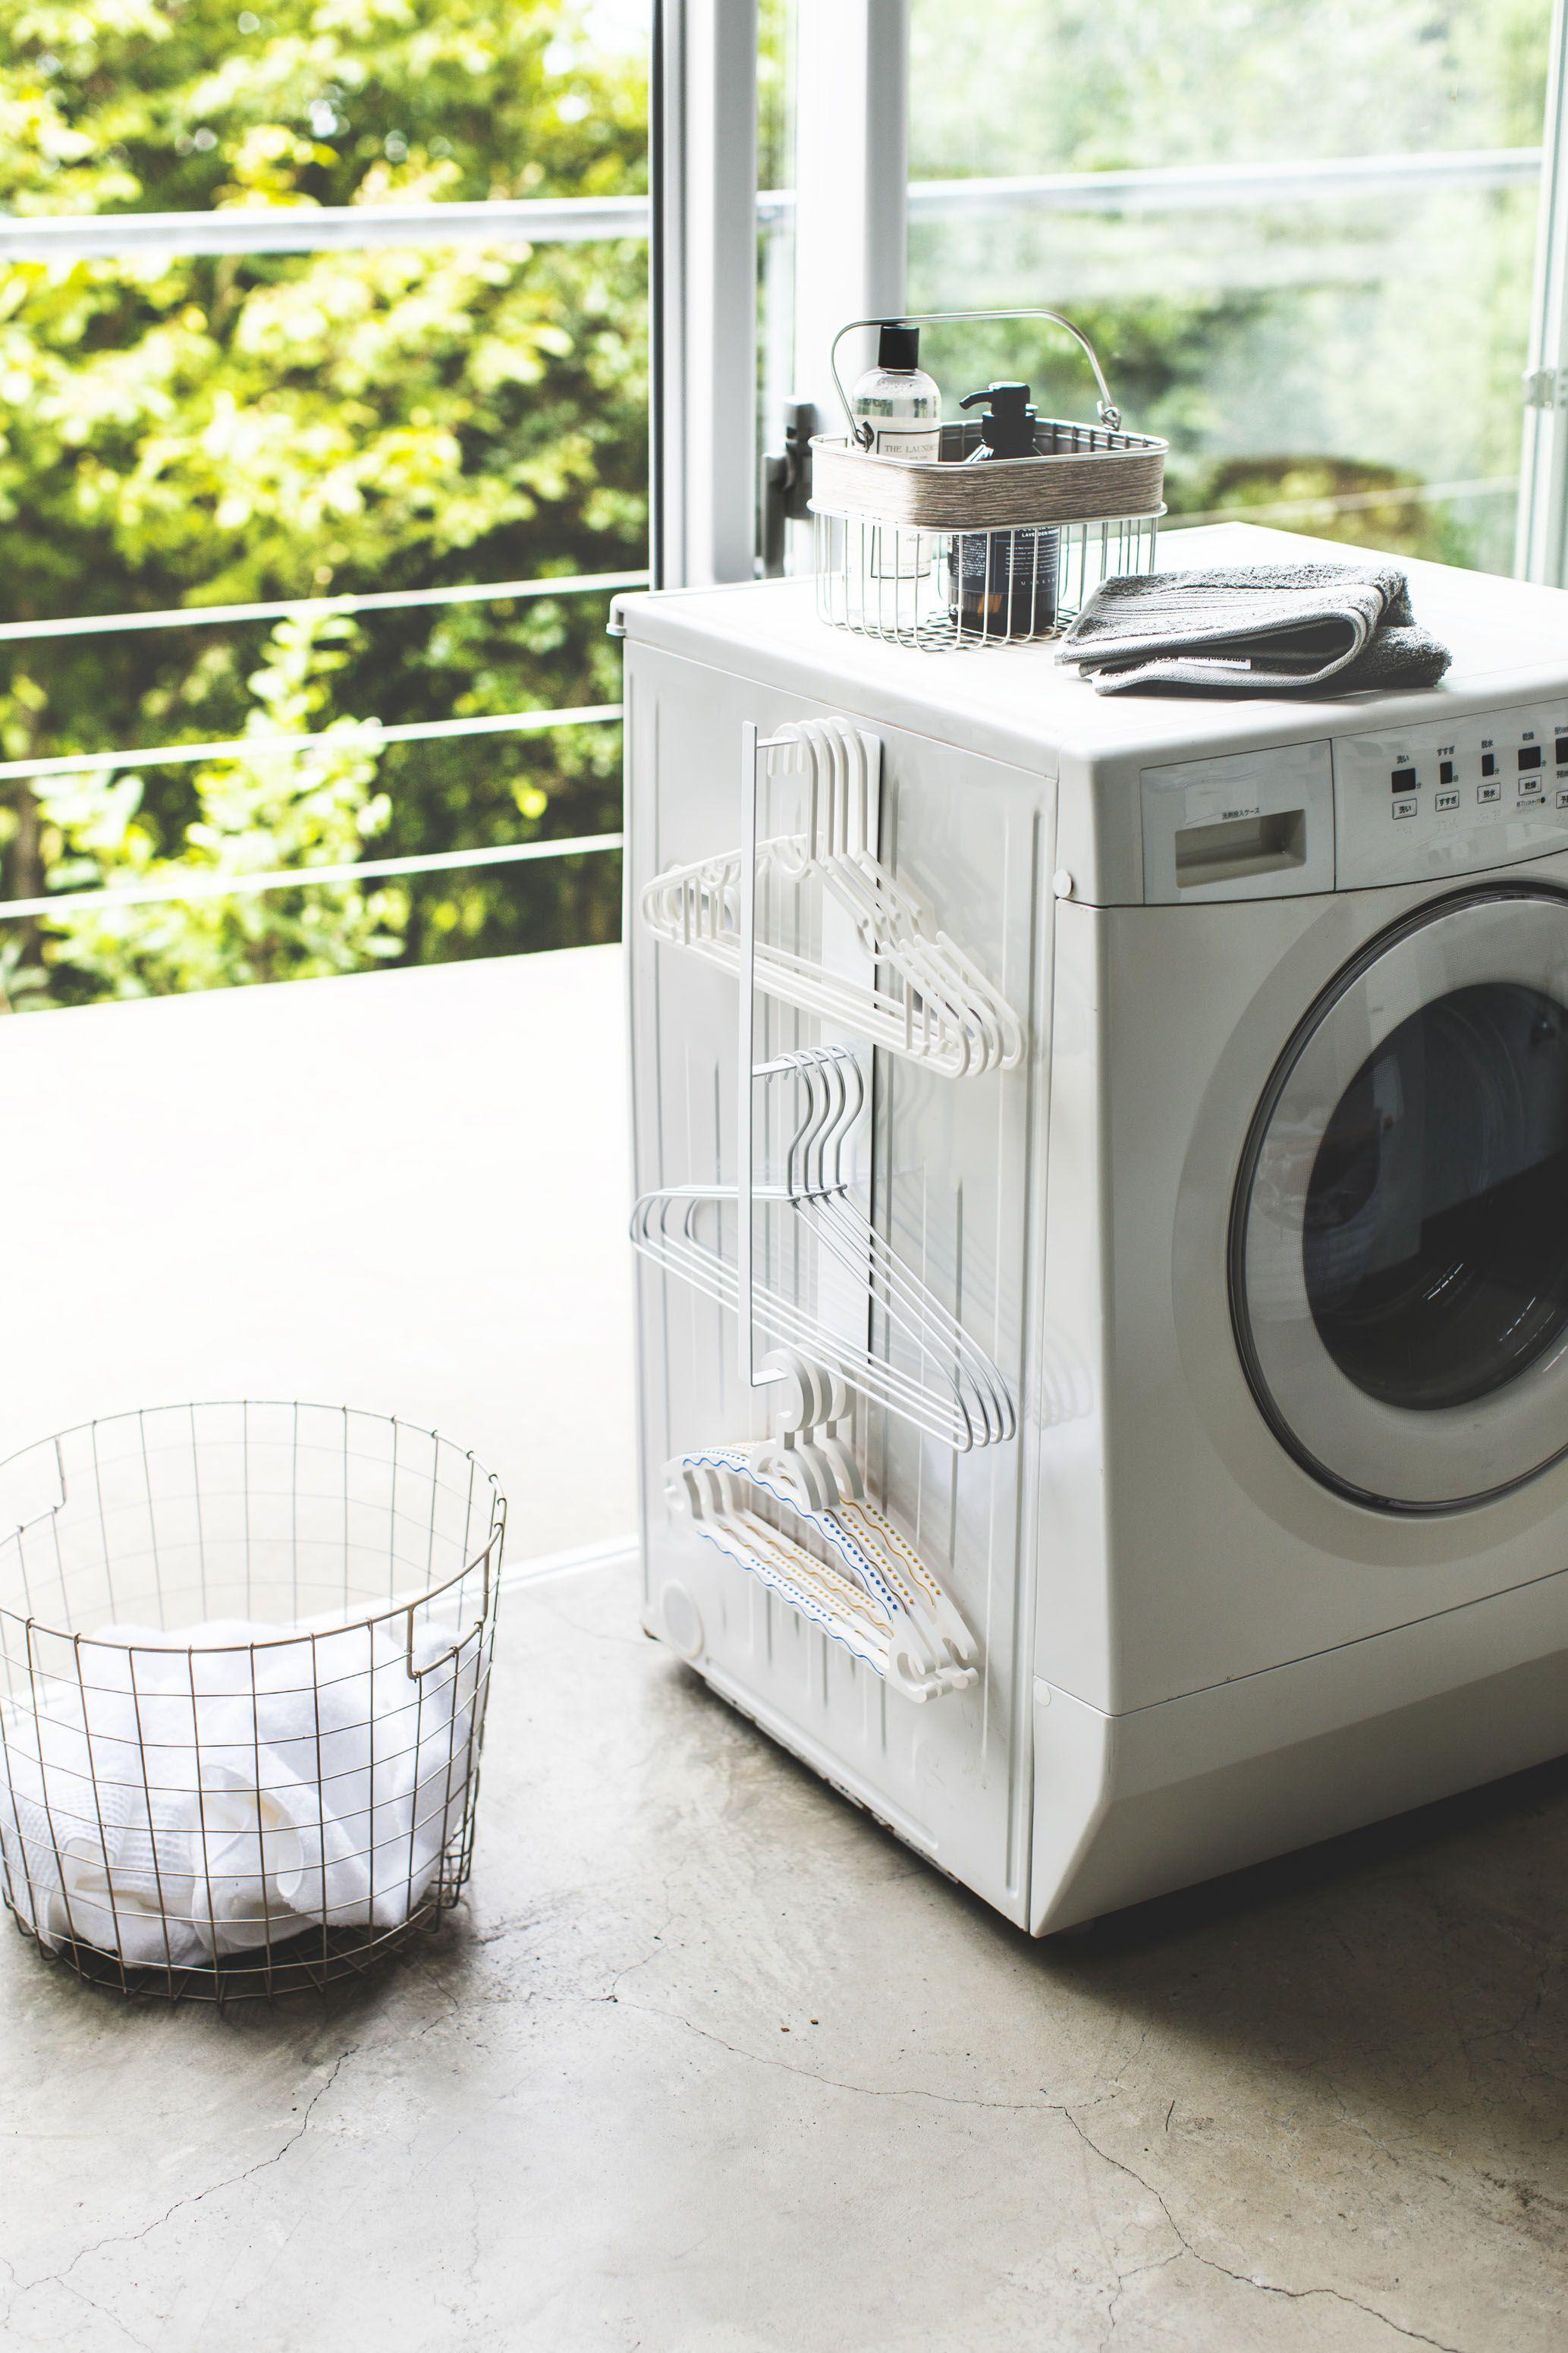 マグネット洗濯ハンガー収納ラック タワー 洗濯ハンガー 収納 ラック 収納 洗濯ハンガー